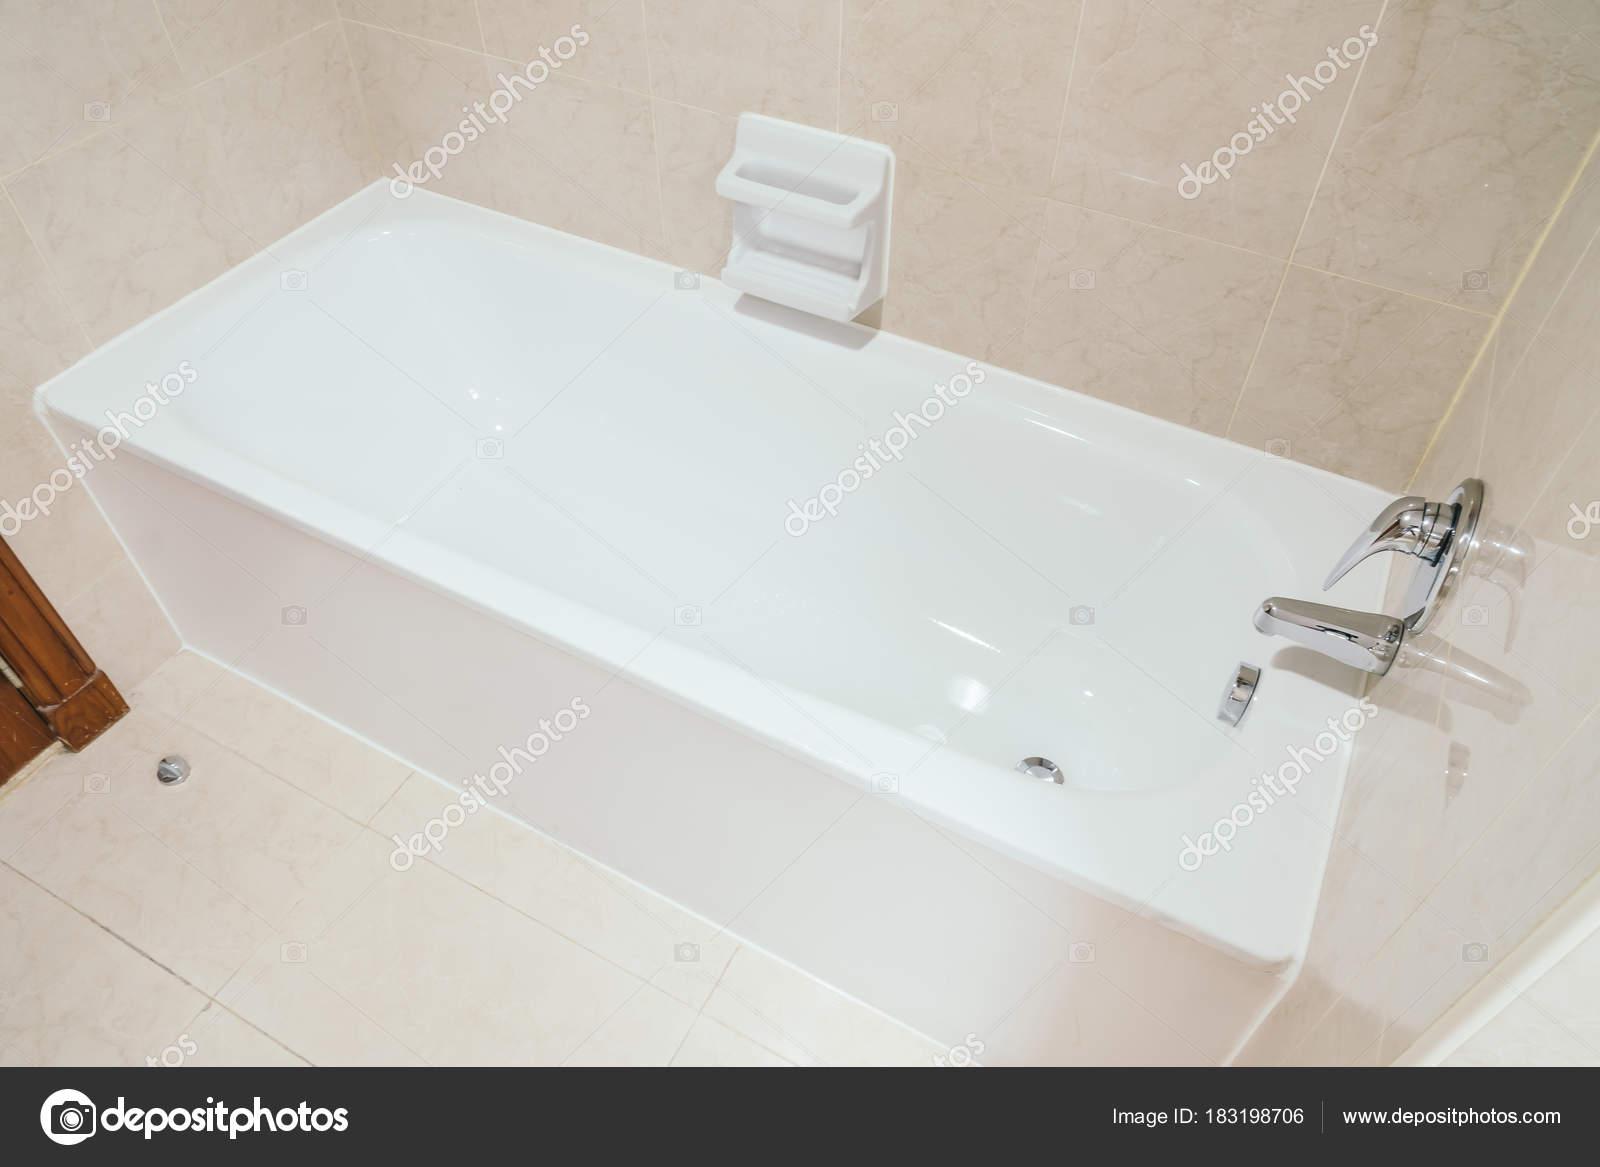 Decoratie Voor Badkamer : Witte badkuip decoratie badkamer interieur u stockfoto